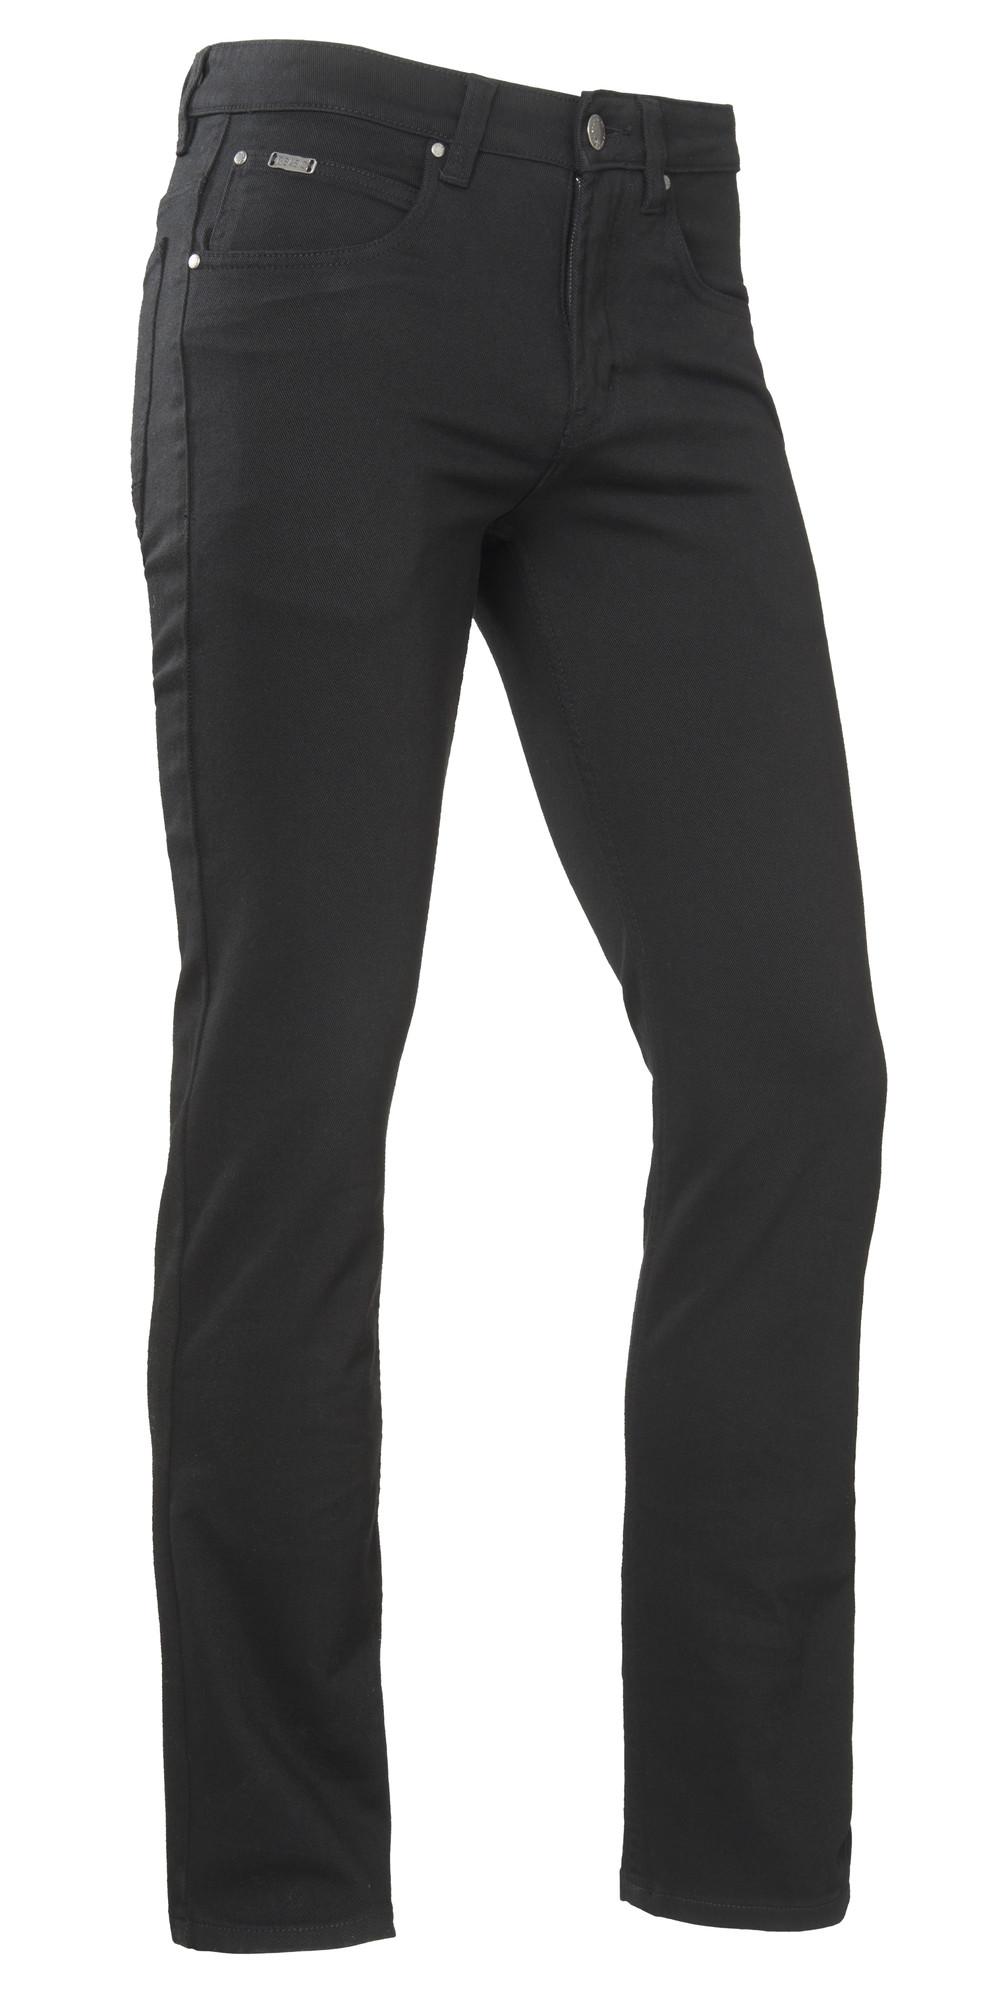 Brams Paris Danny Jeans Stretch (D51 Black Twill) W40-L30